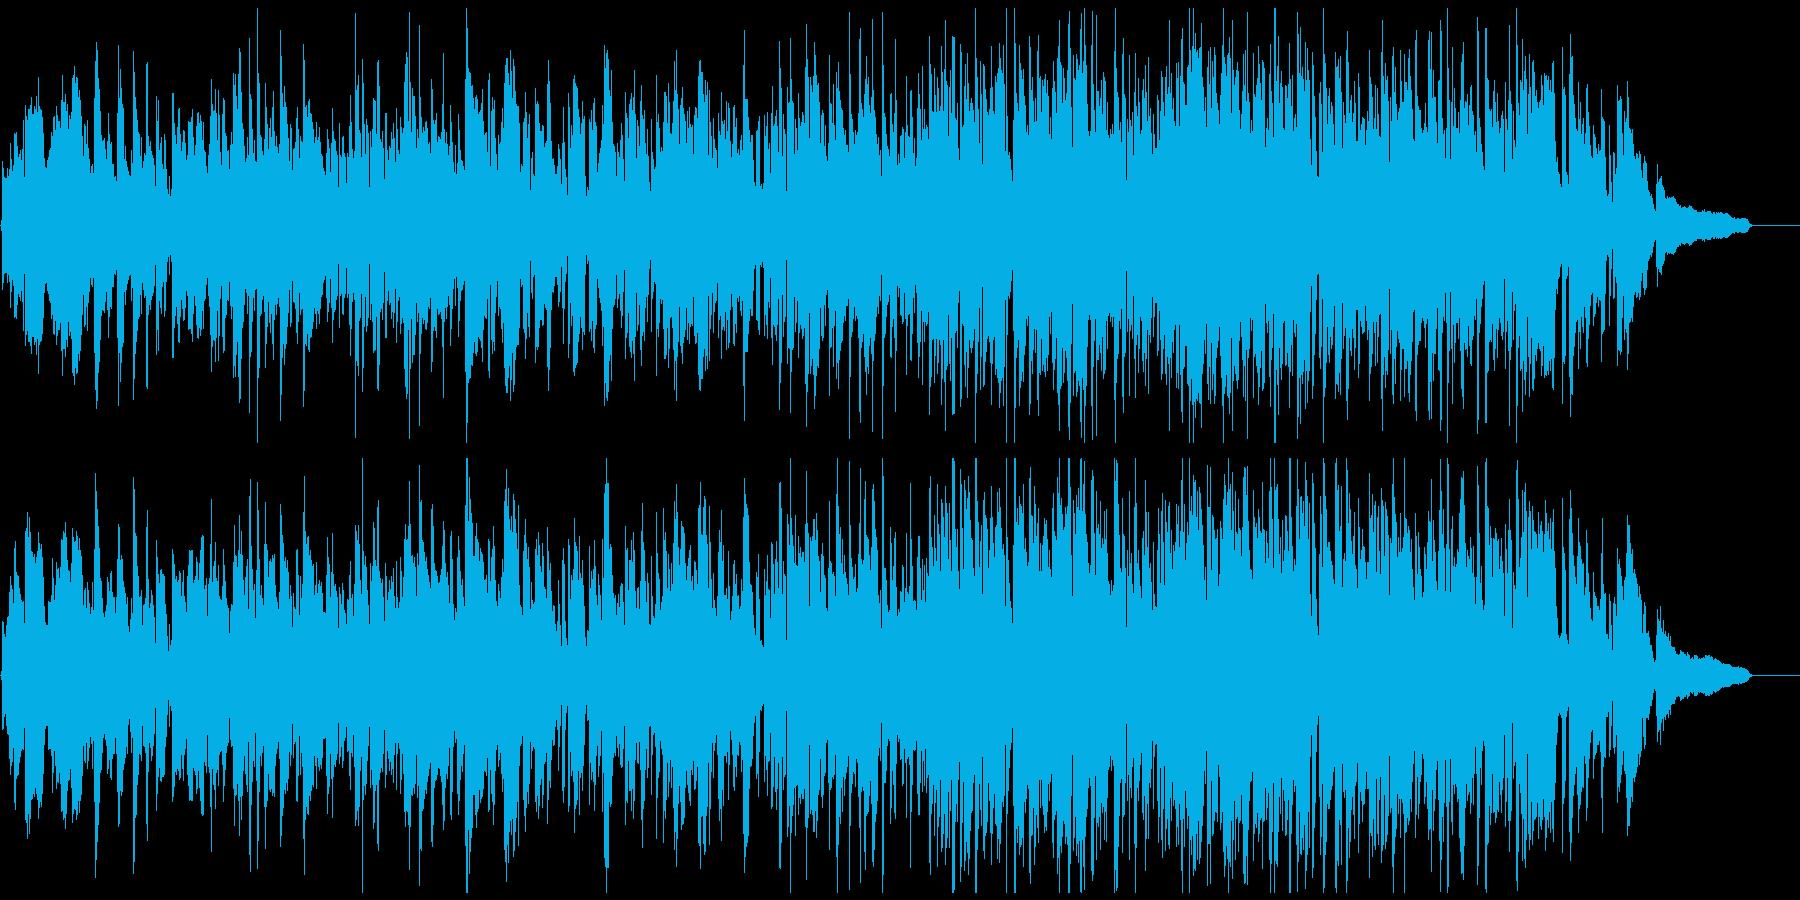 幸せな雰囲気の静かで素敵なジャズ・ワルツの再生済みの波形